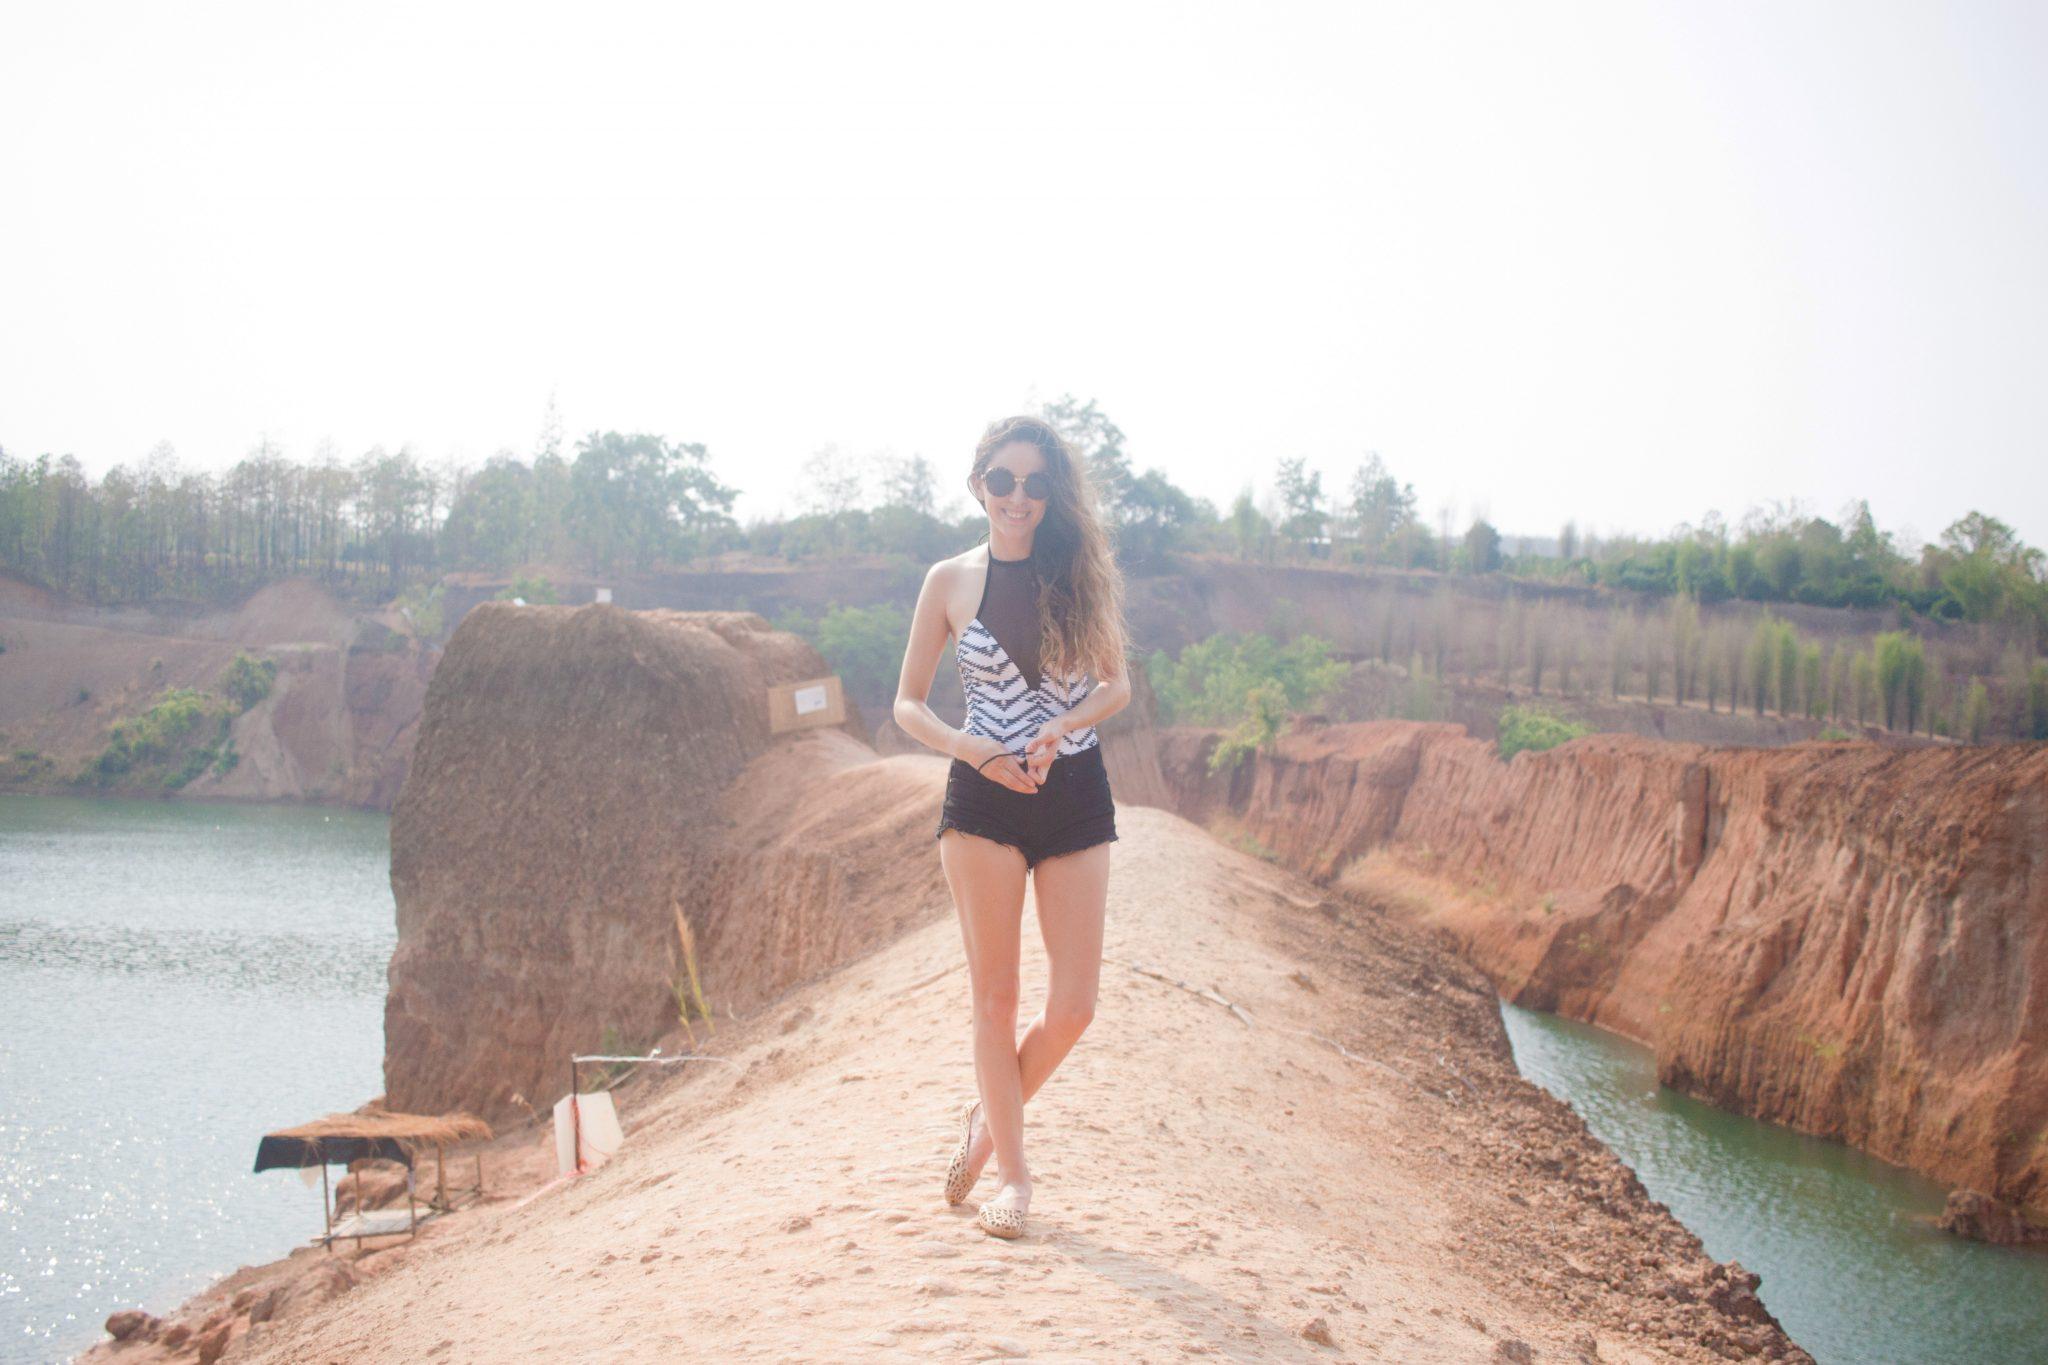 chiang mai canyon, cliff jumping in chiang mai, cliff jumping in thailand, chiang mai grand canyon, mox shoes, Khongboon swimwear